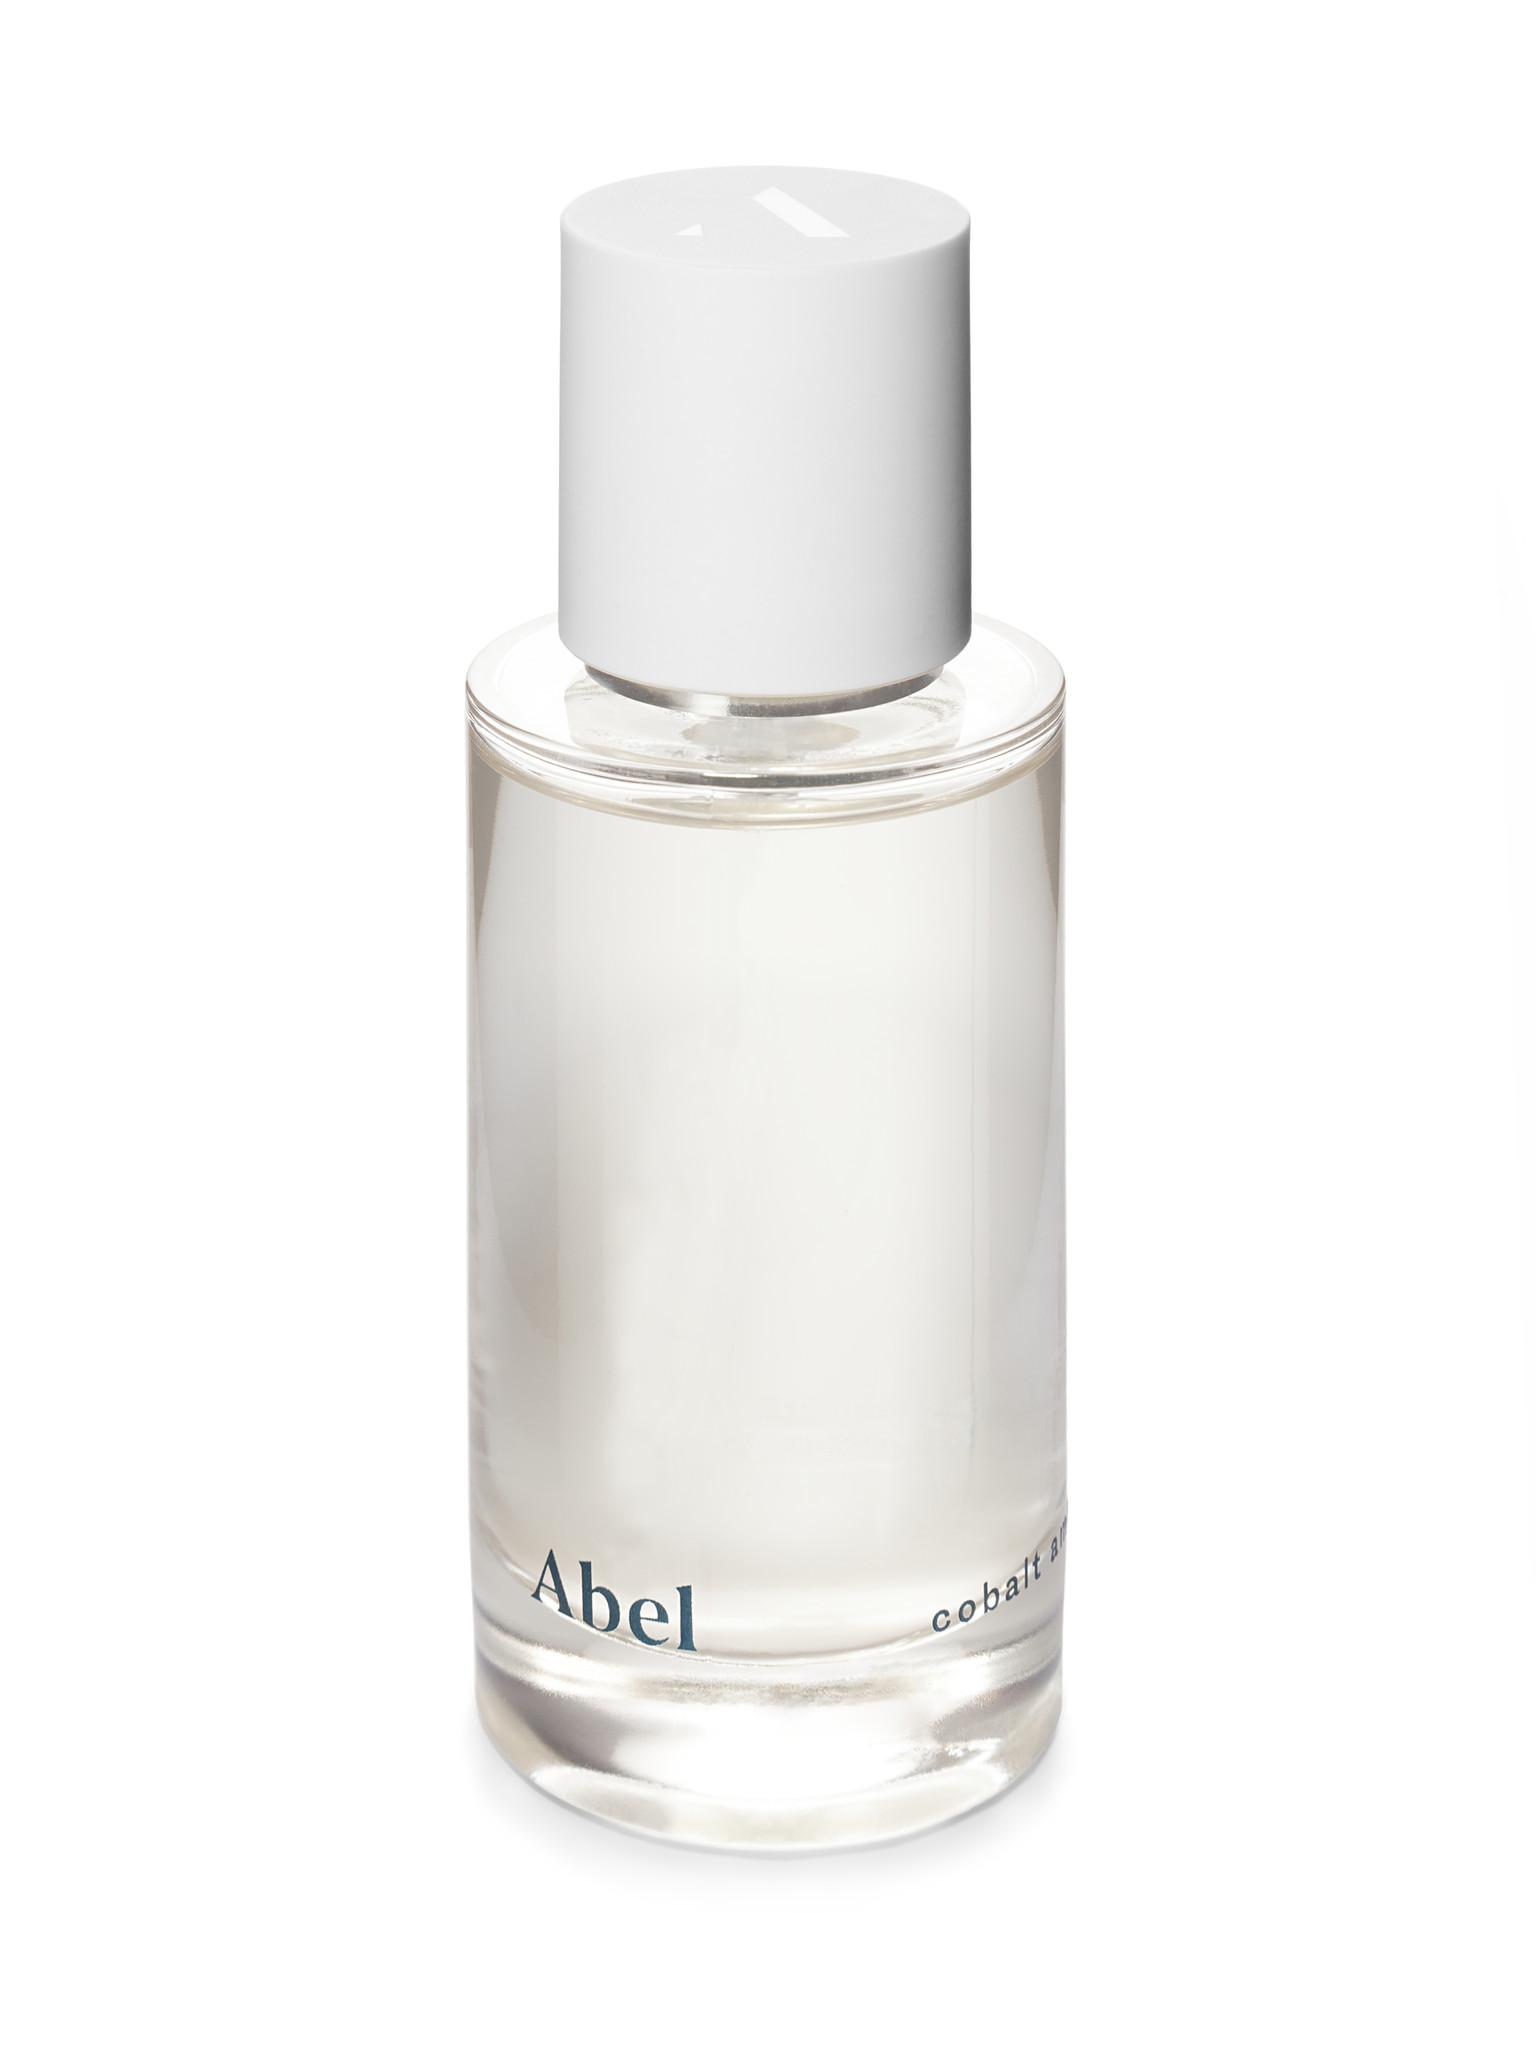 Cobalt Amber-4